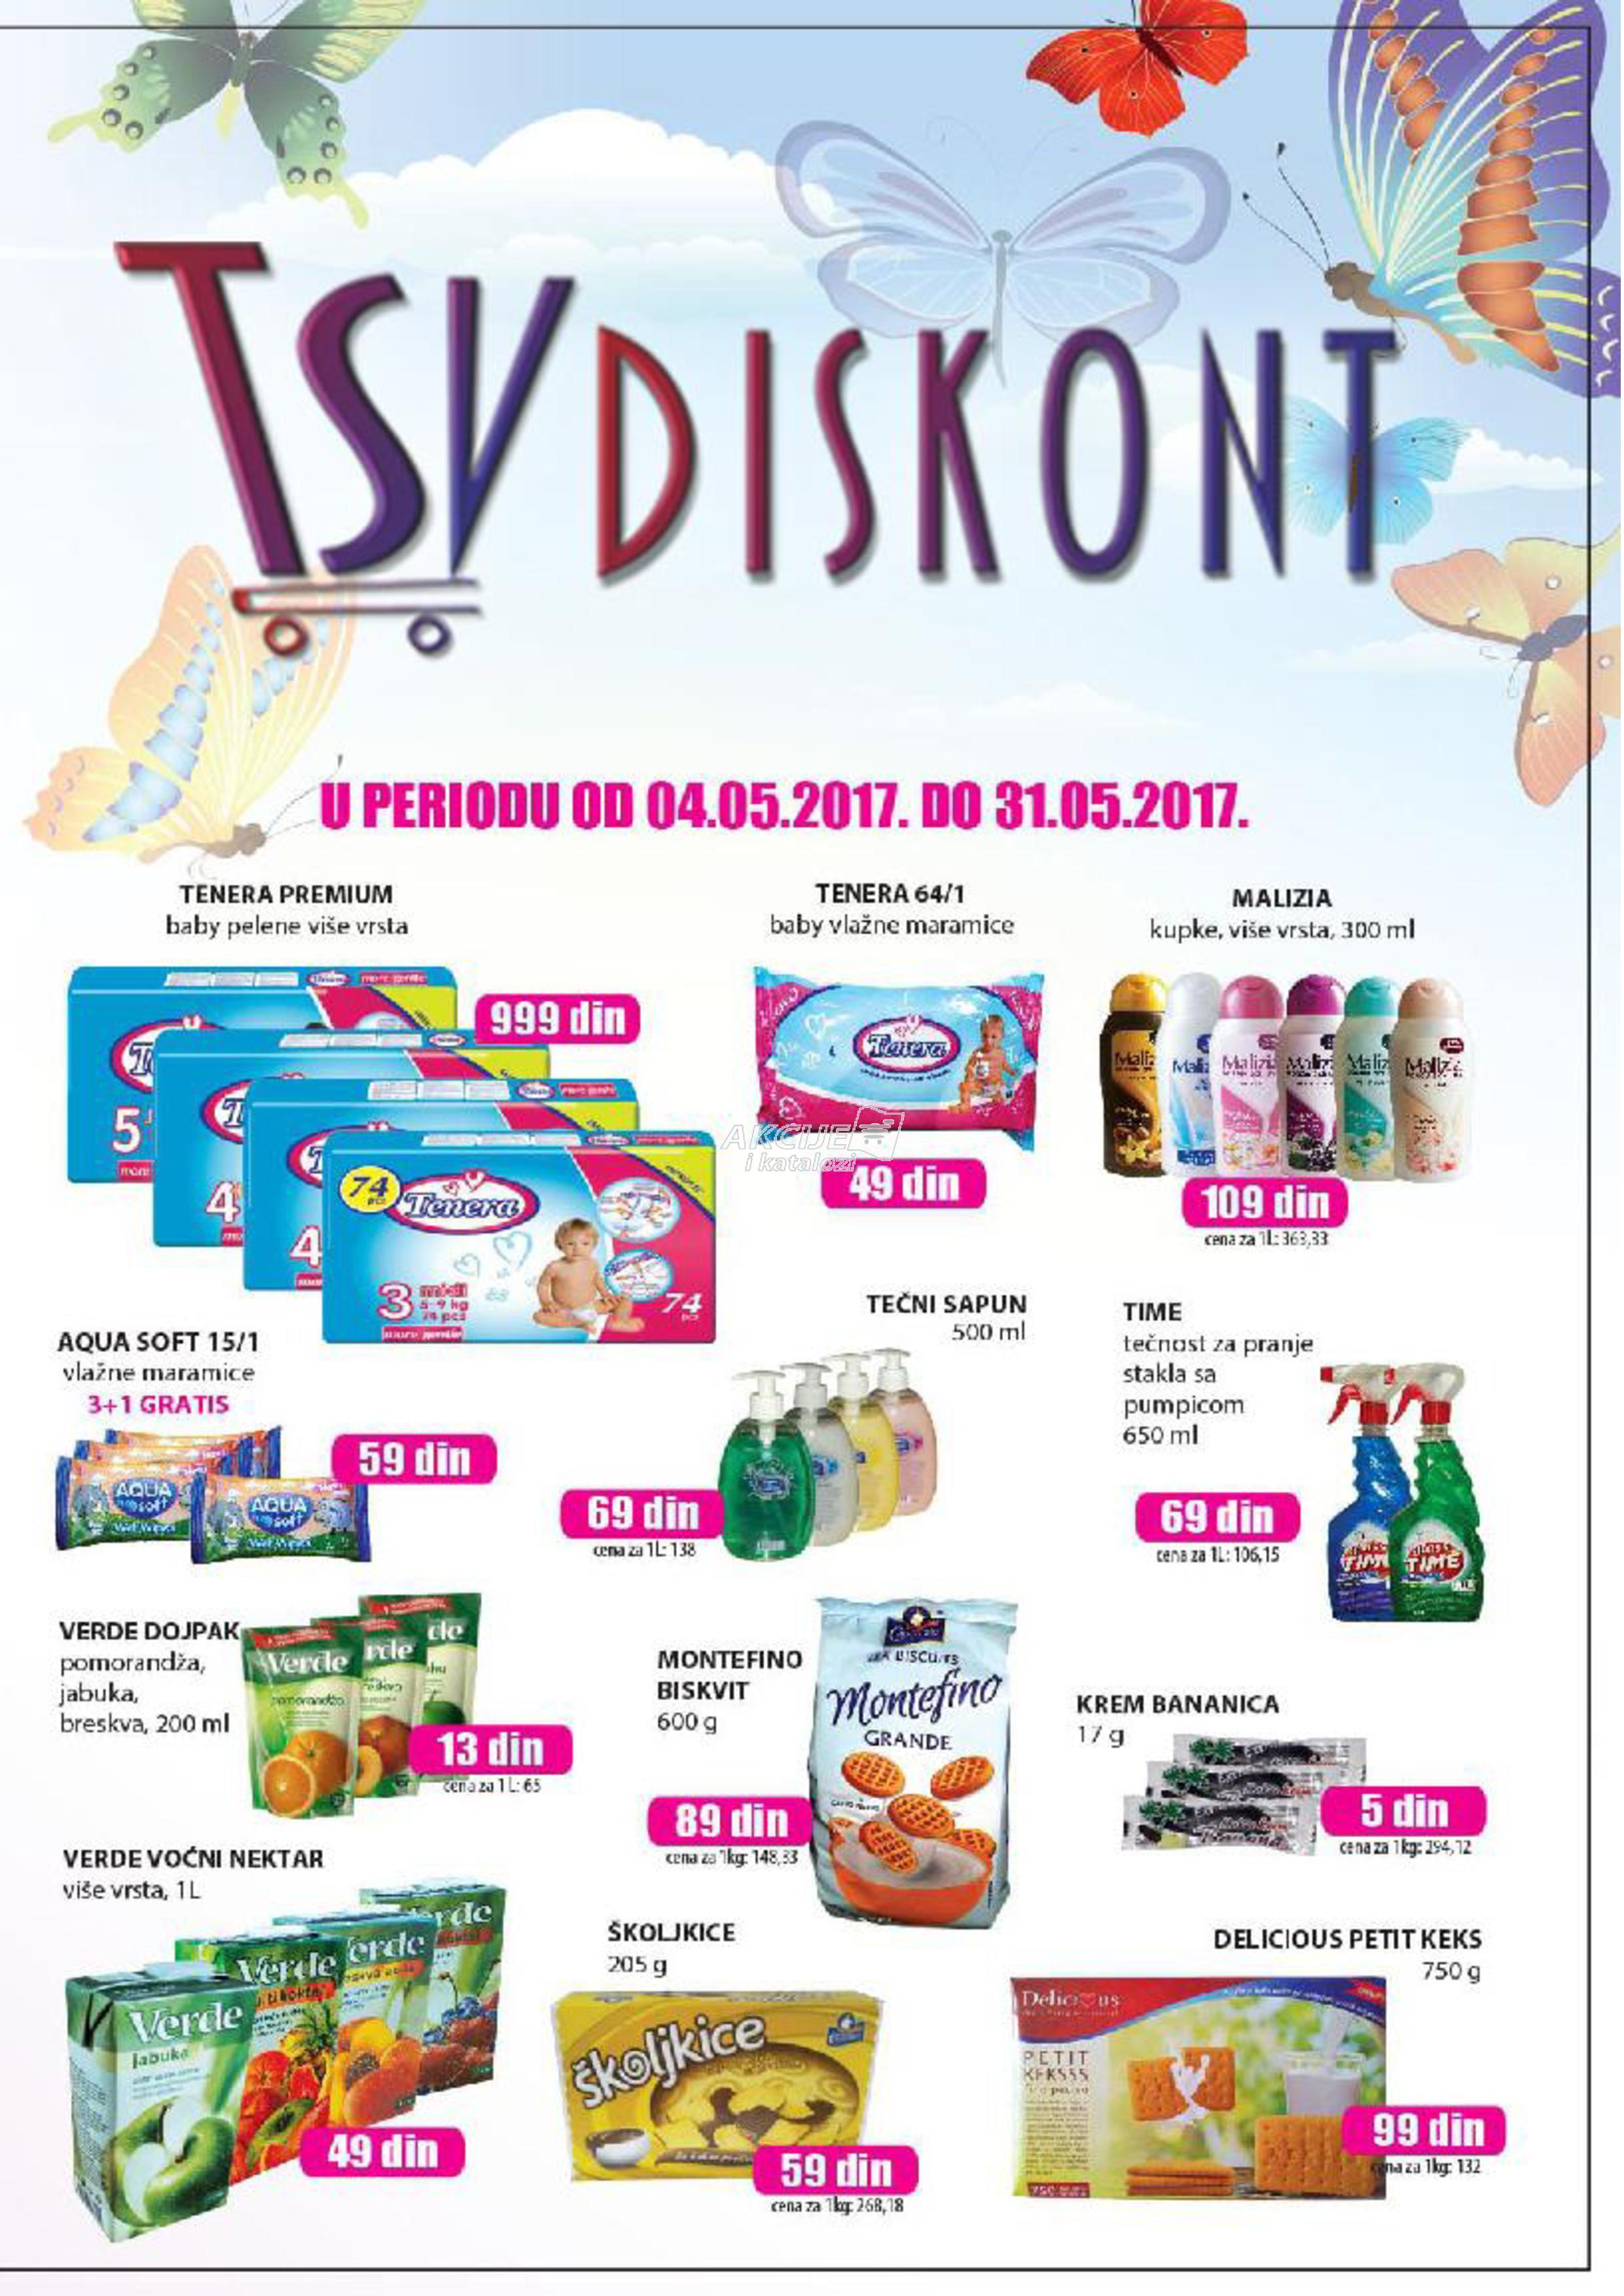 TSV akcija odlične kupovine